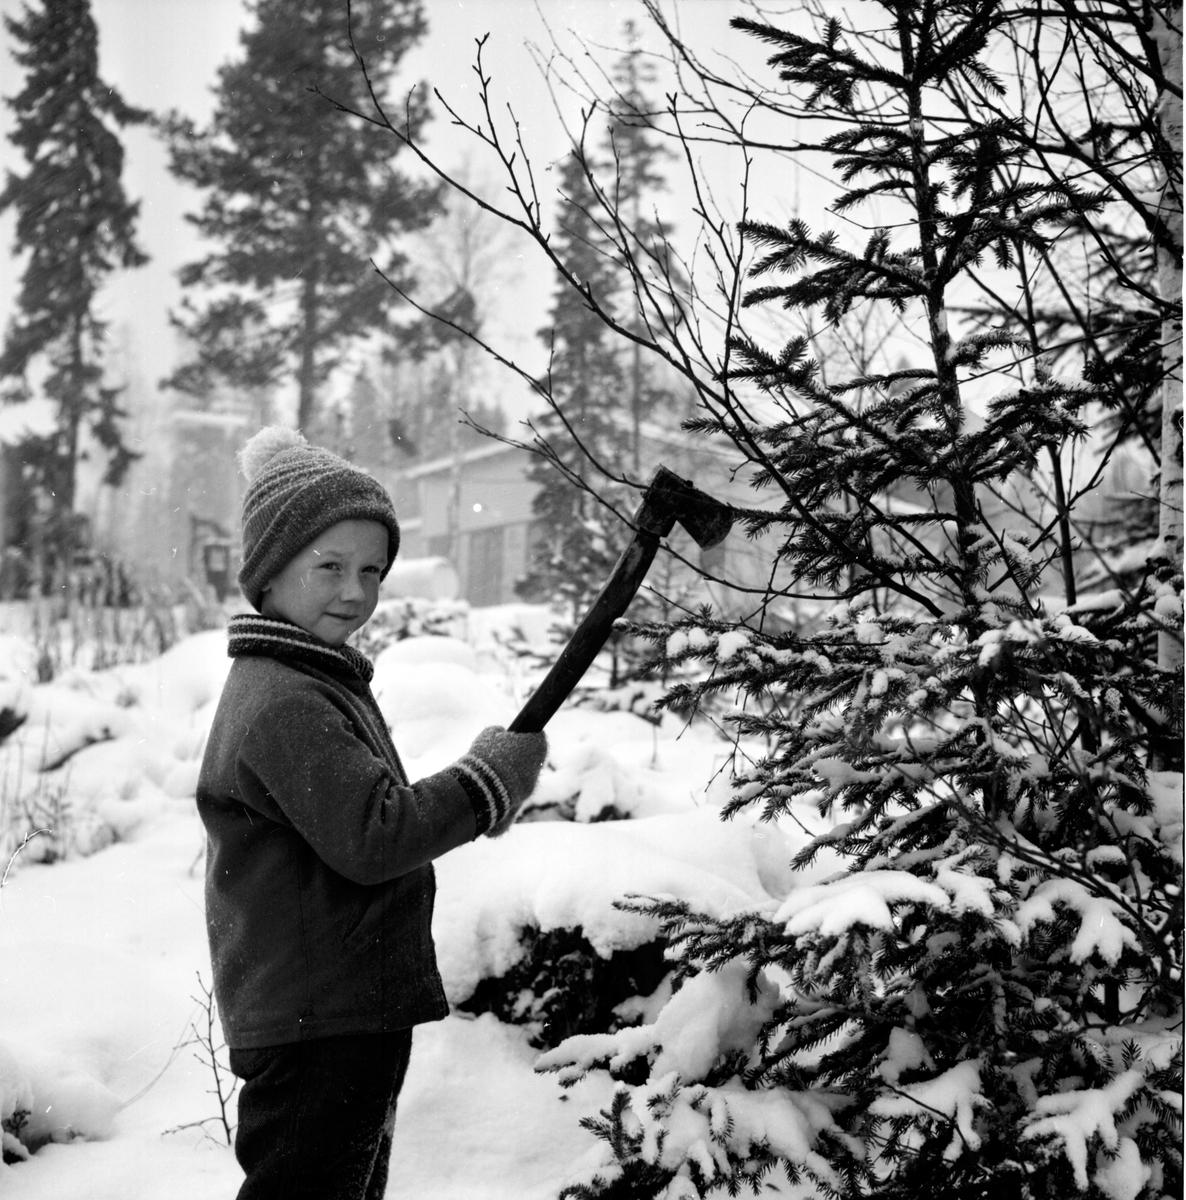 Mållångstad, Erik Lindblom, Albert Lindblom, Jörgen Söder, 26 Nov 1965